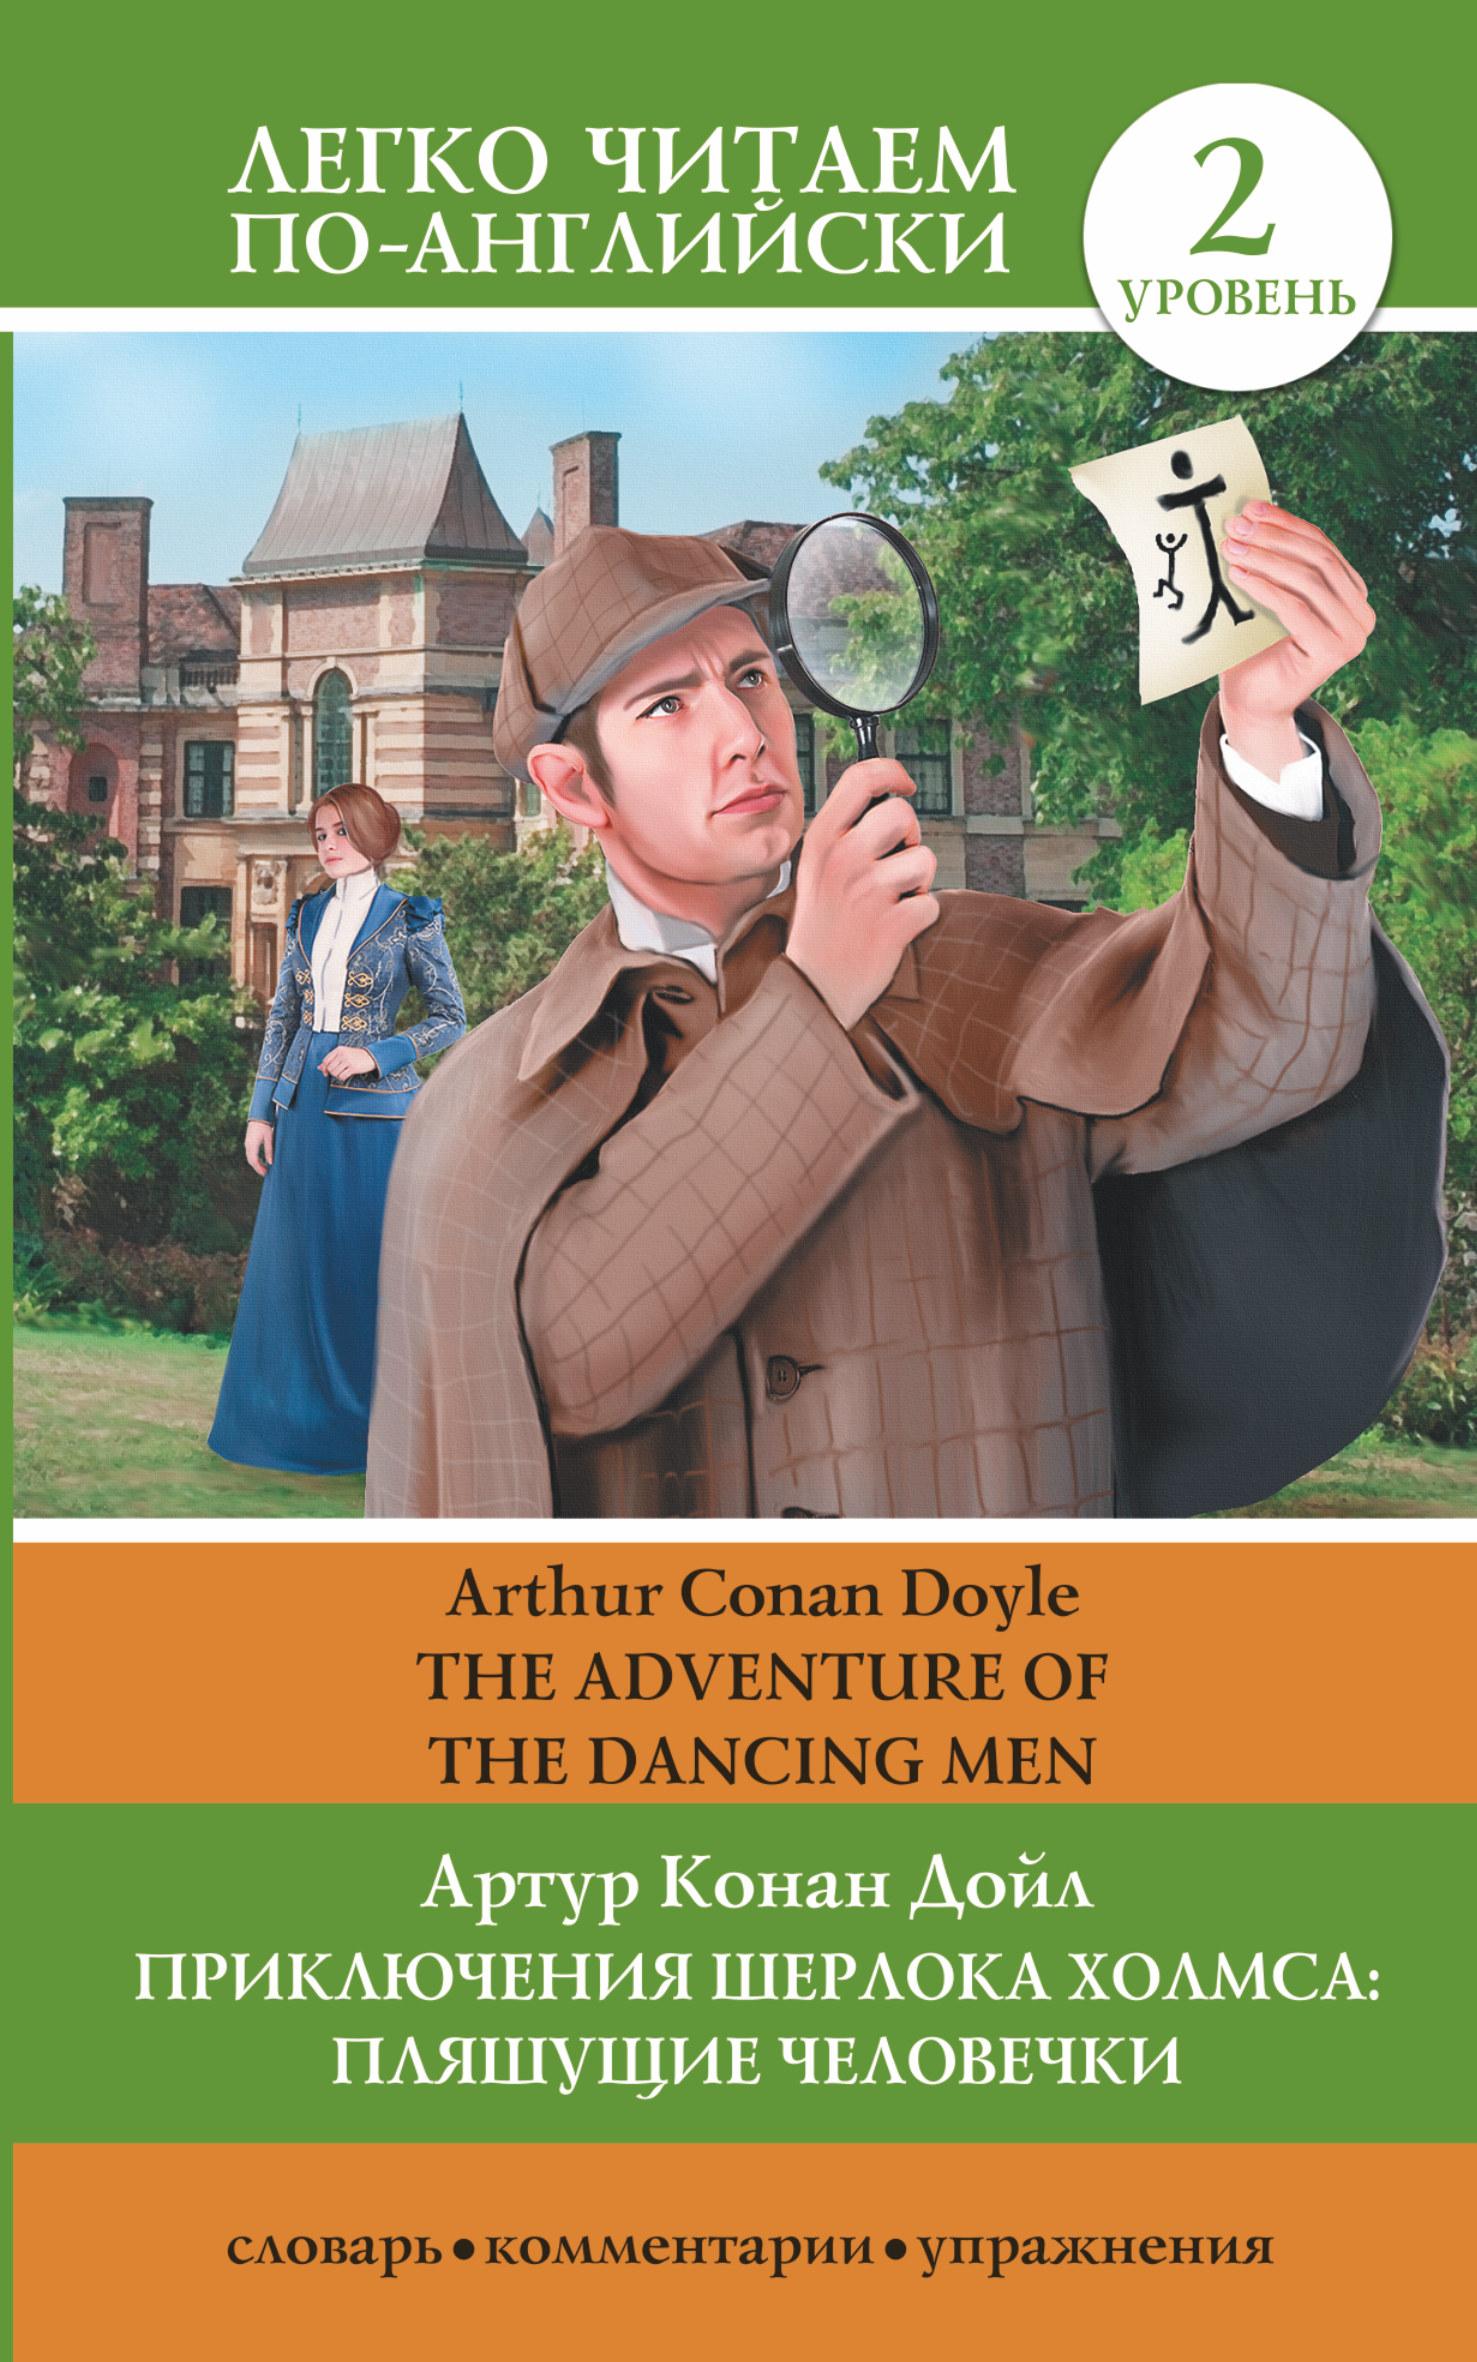 Знакомство С Шерлоком Холмсом Читать